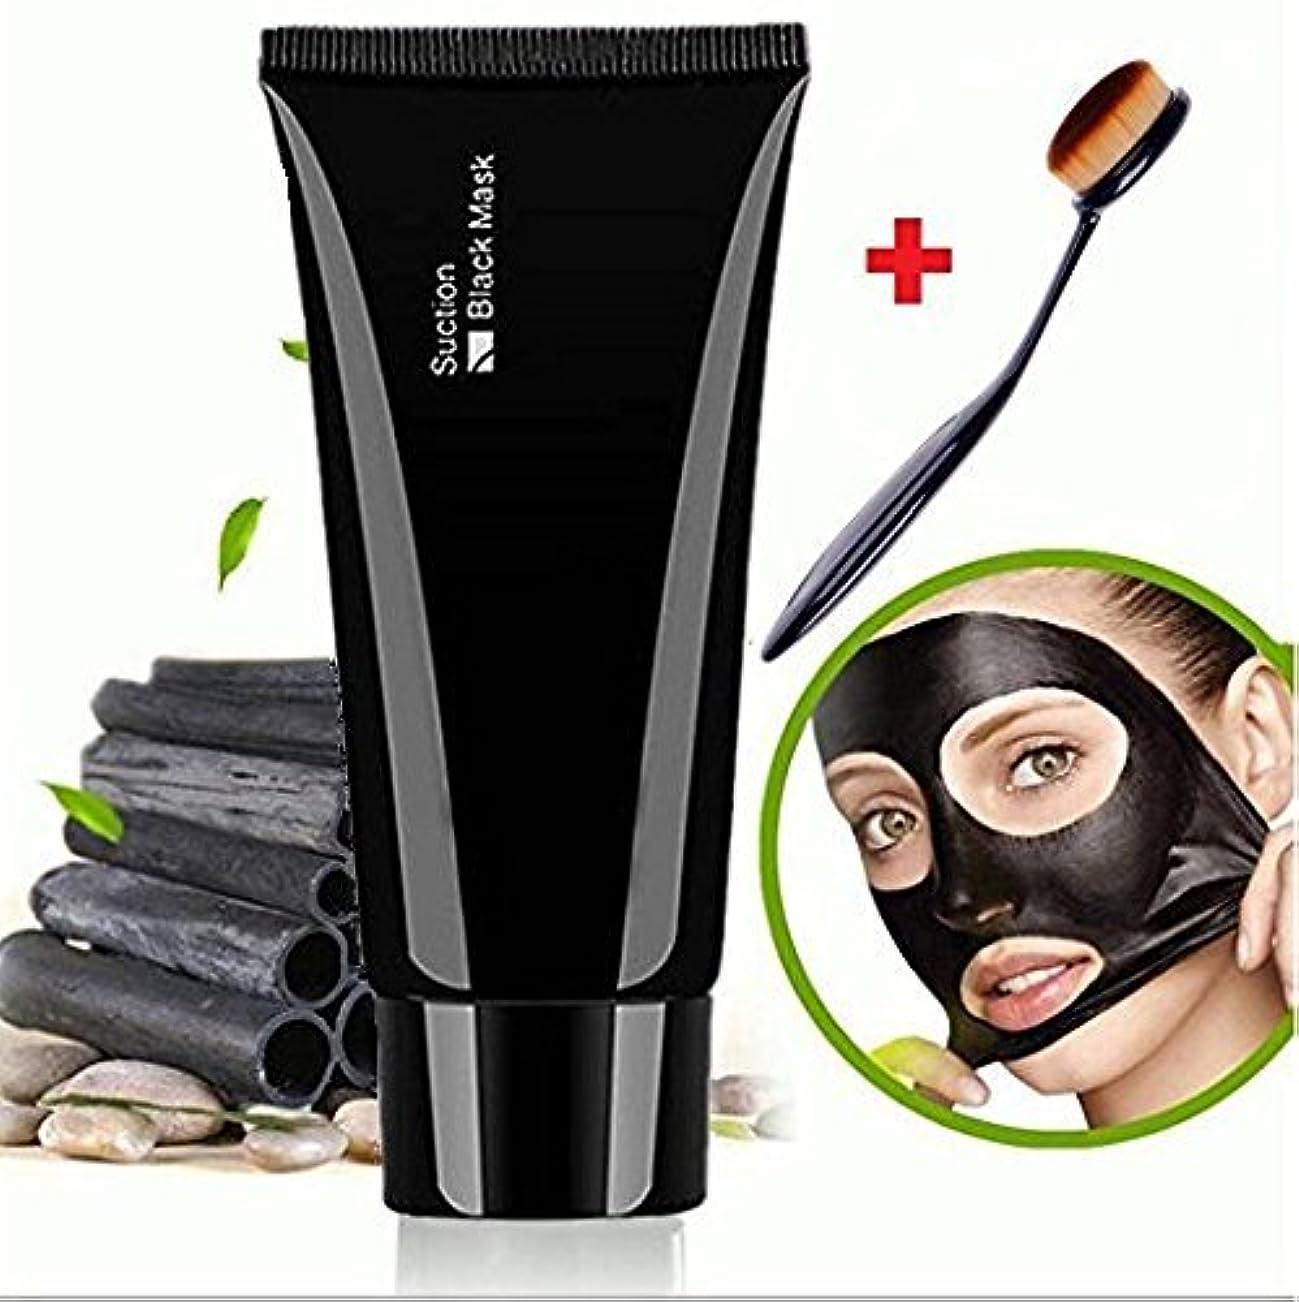 外交自信がある静けさFacial Mask Black, Face Apeel Cleansing Mask Deep Cleanser Blackhead Acne Remover Peel off Mask + Oval Brush